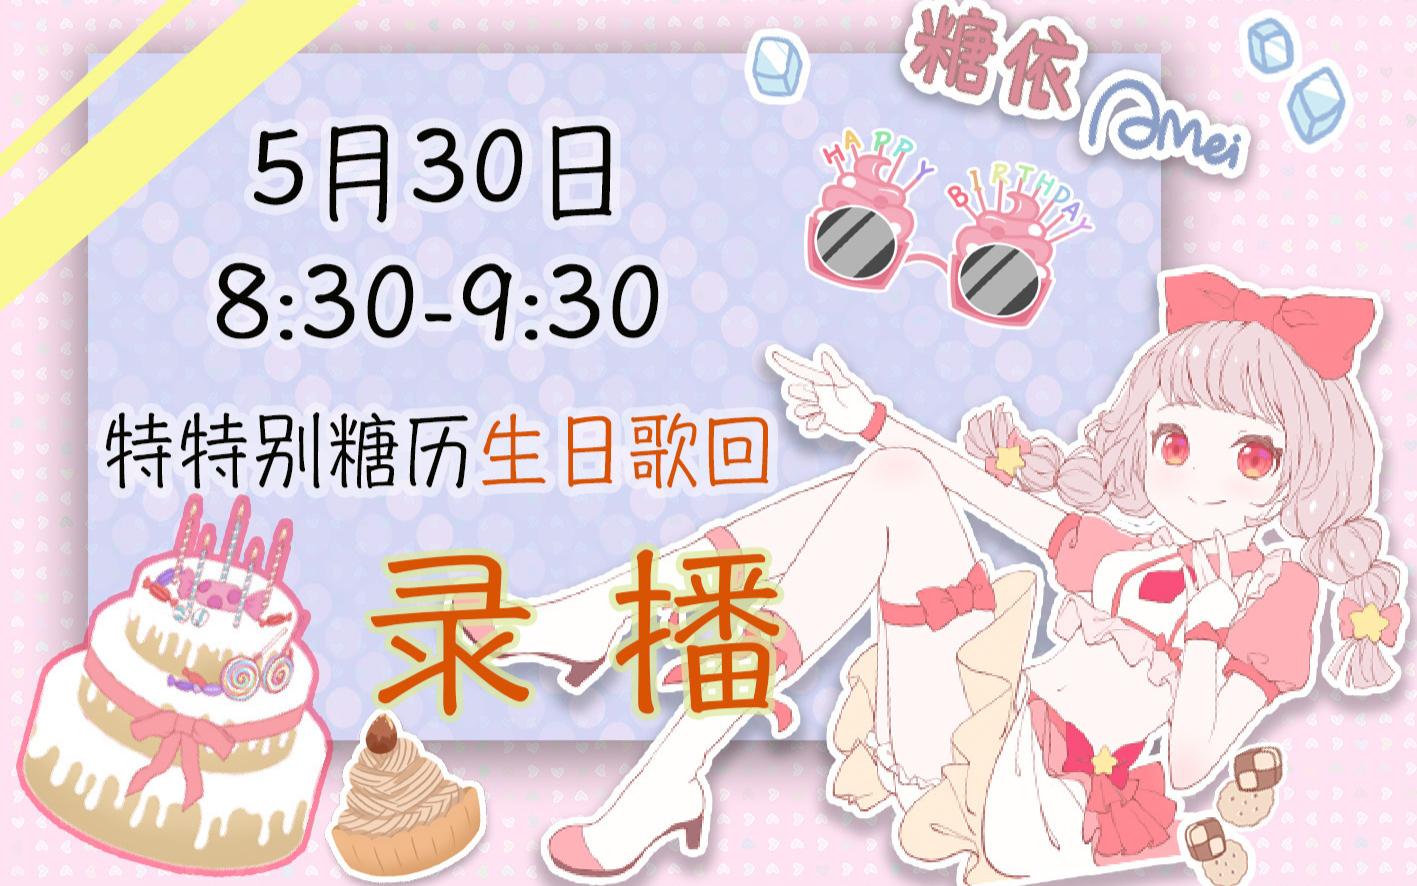 【生日歌回录播】糖依的「糖历生日」05.30特别直播